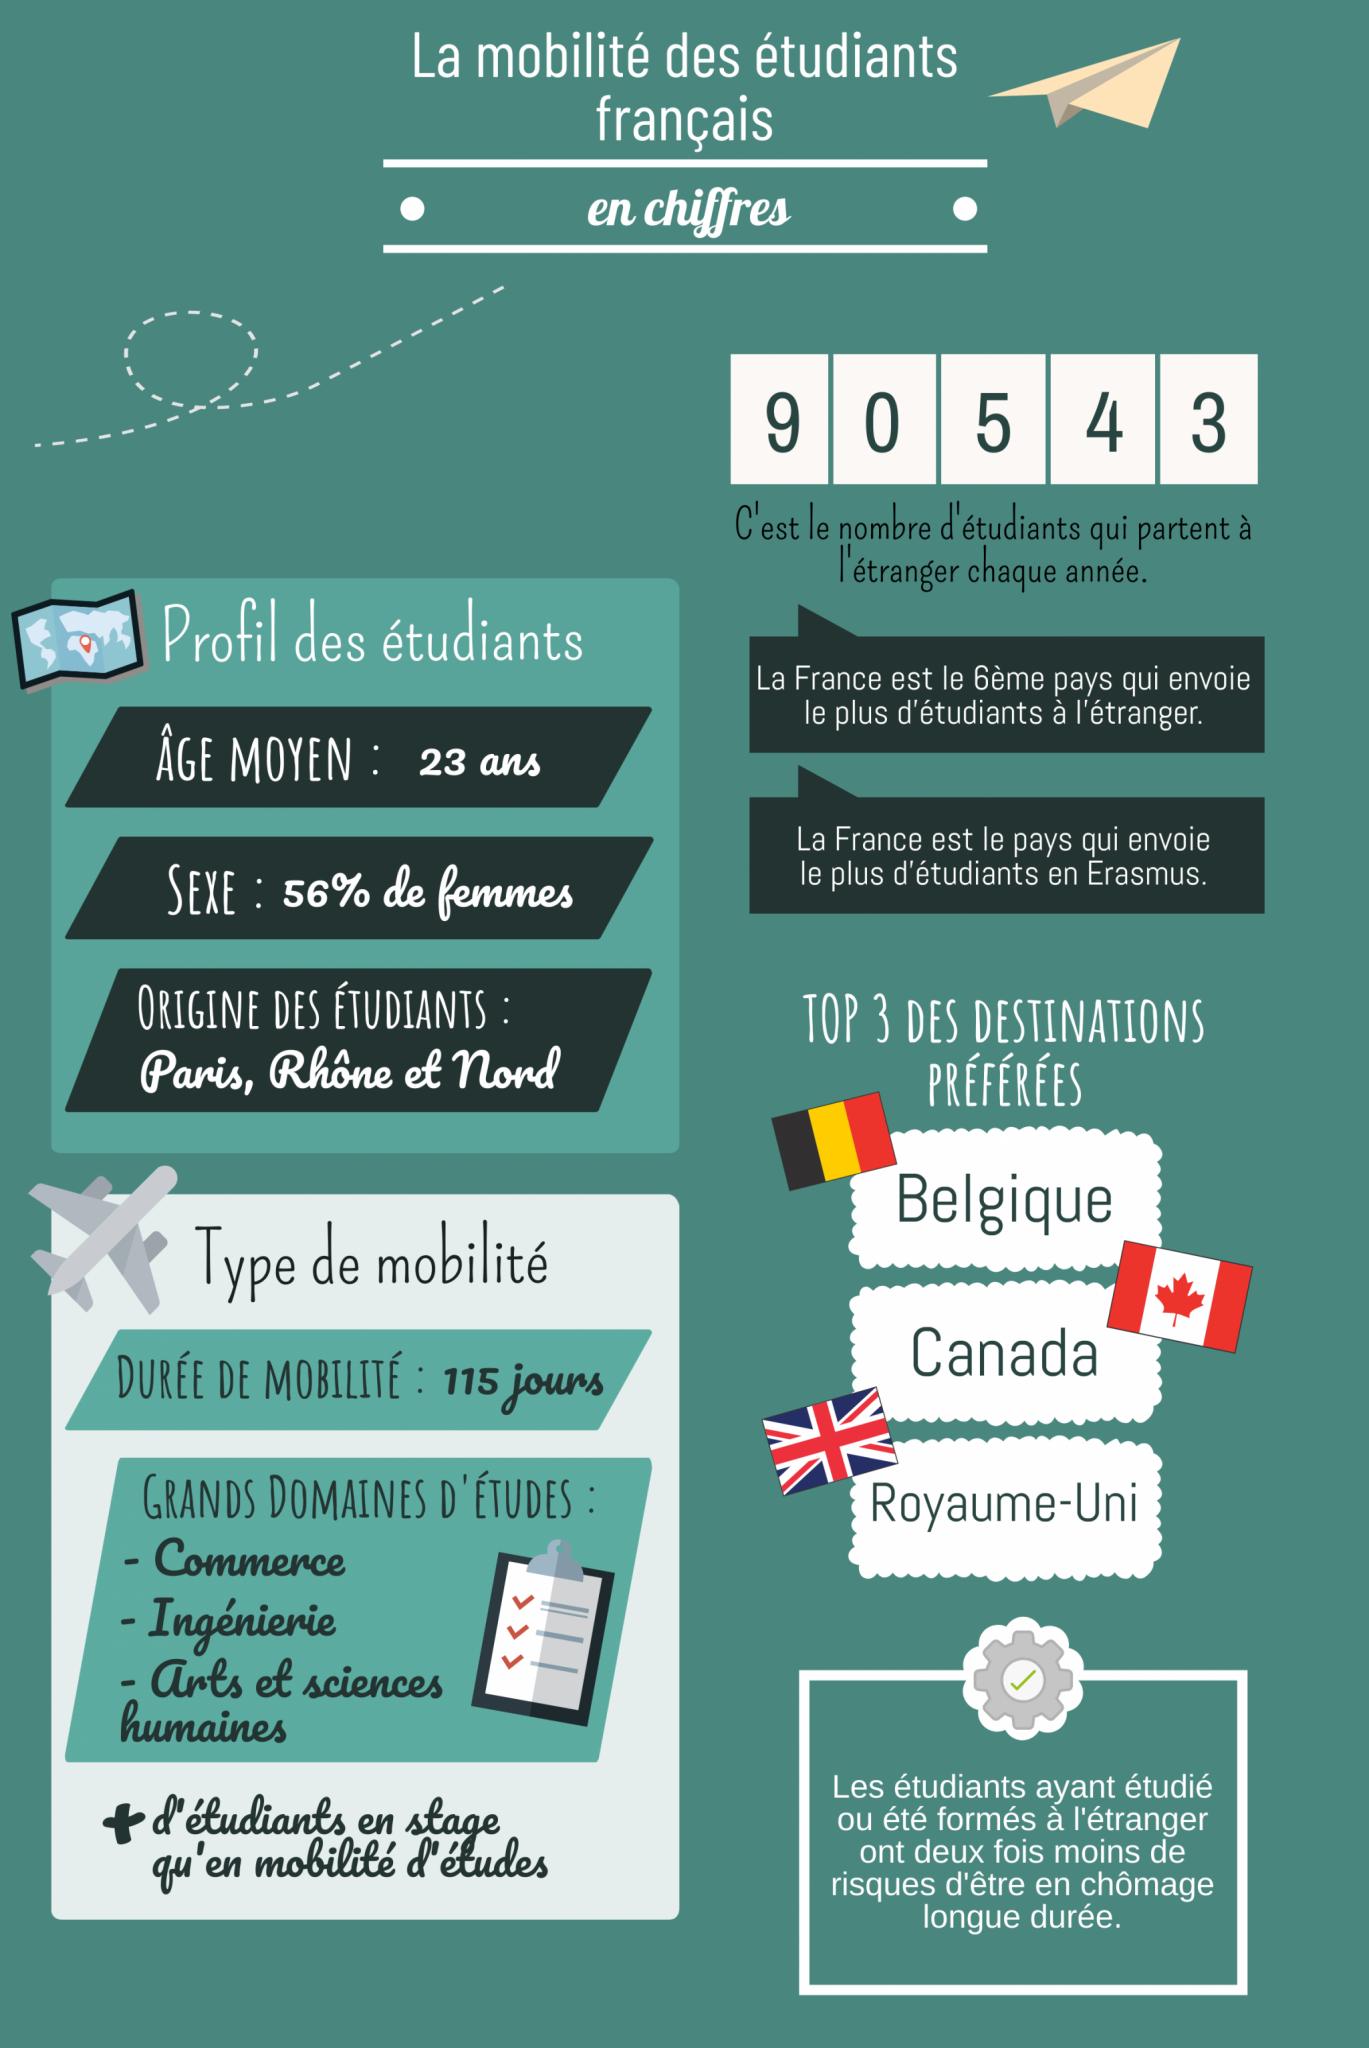 La mobilité des étudiants français en quelques chiffres